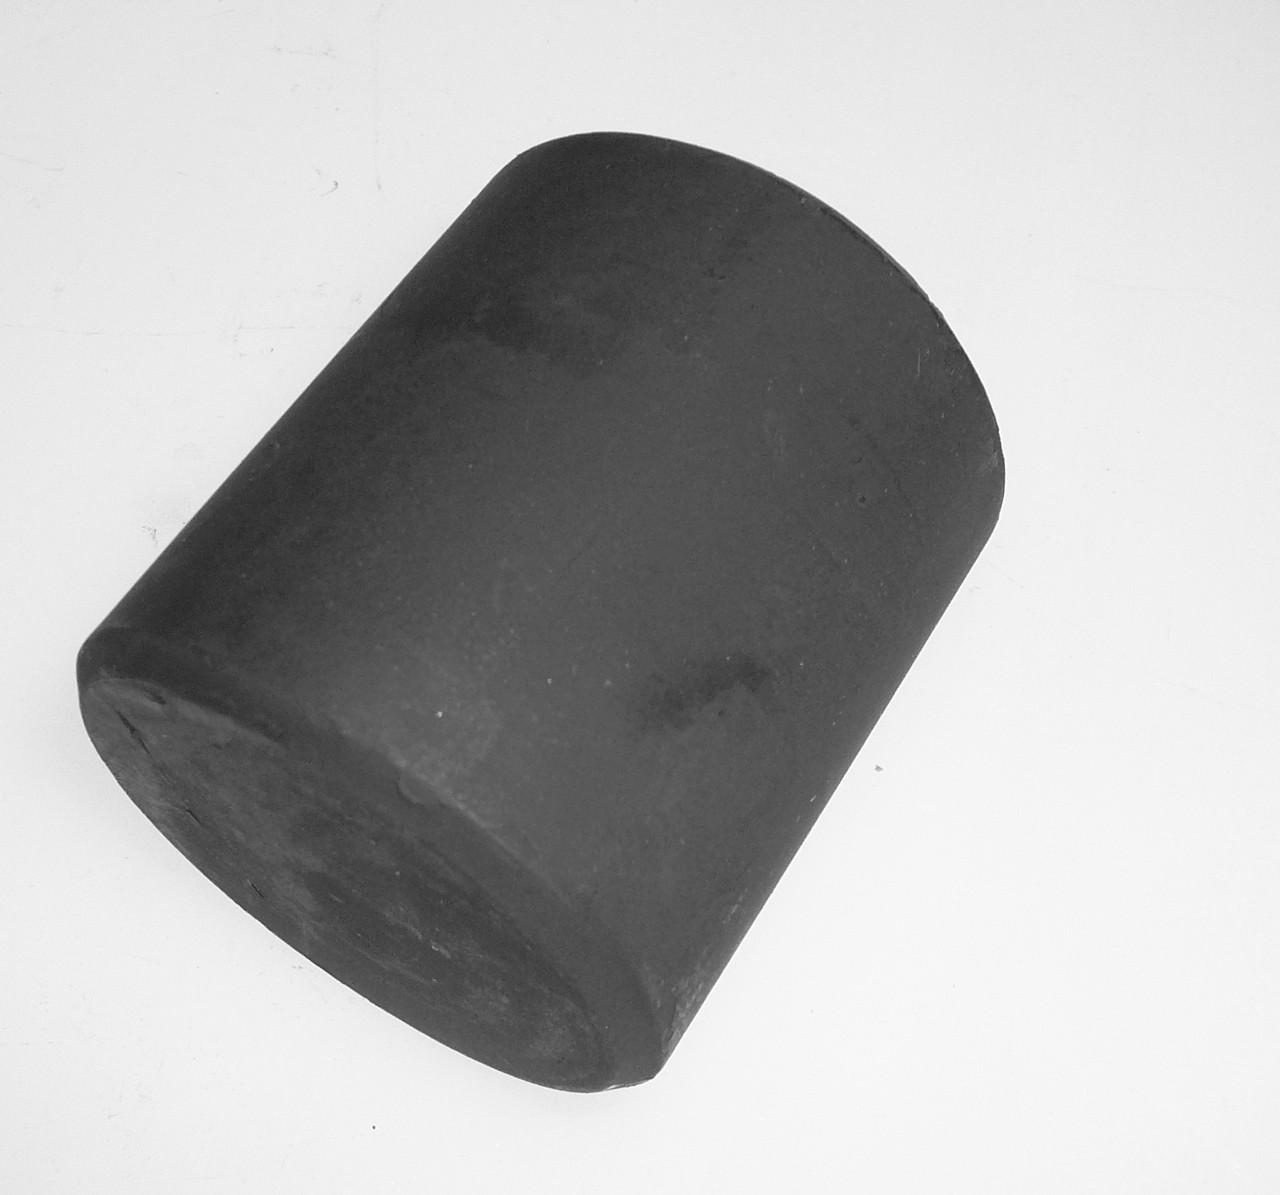 Large Drive rod Head (DRH-LG)